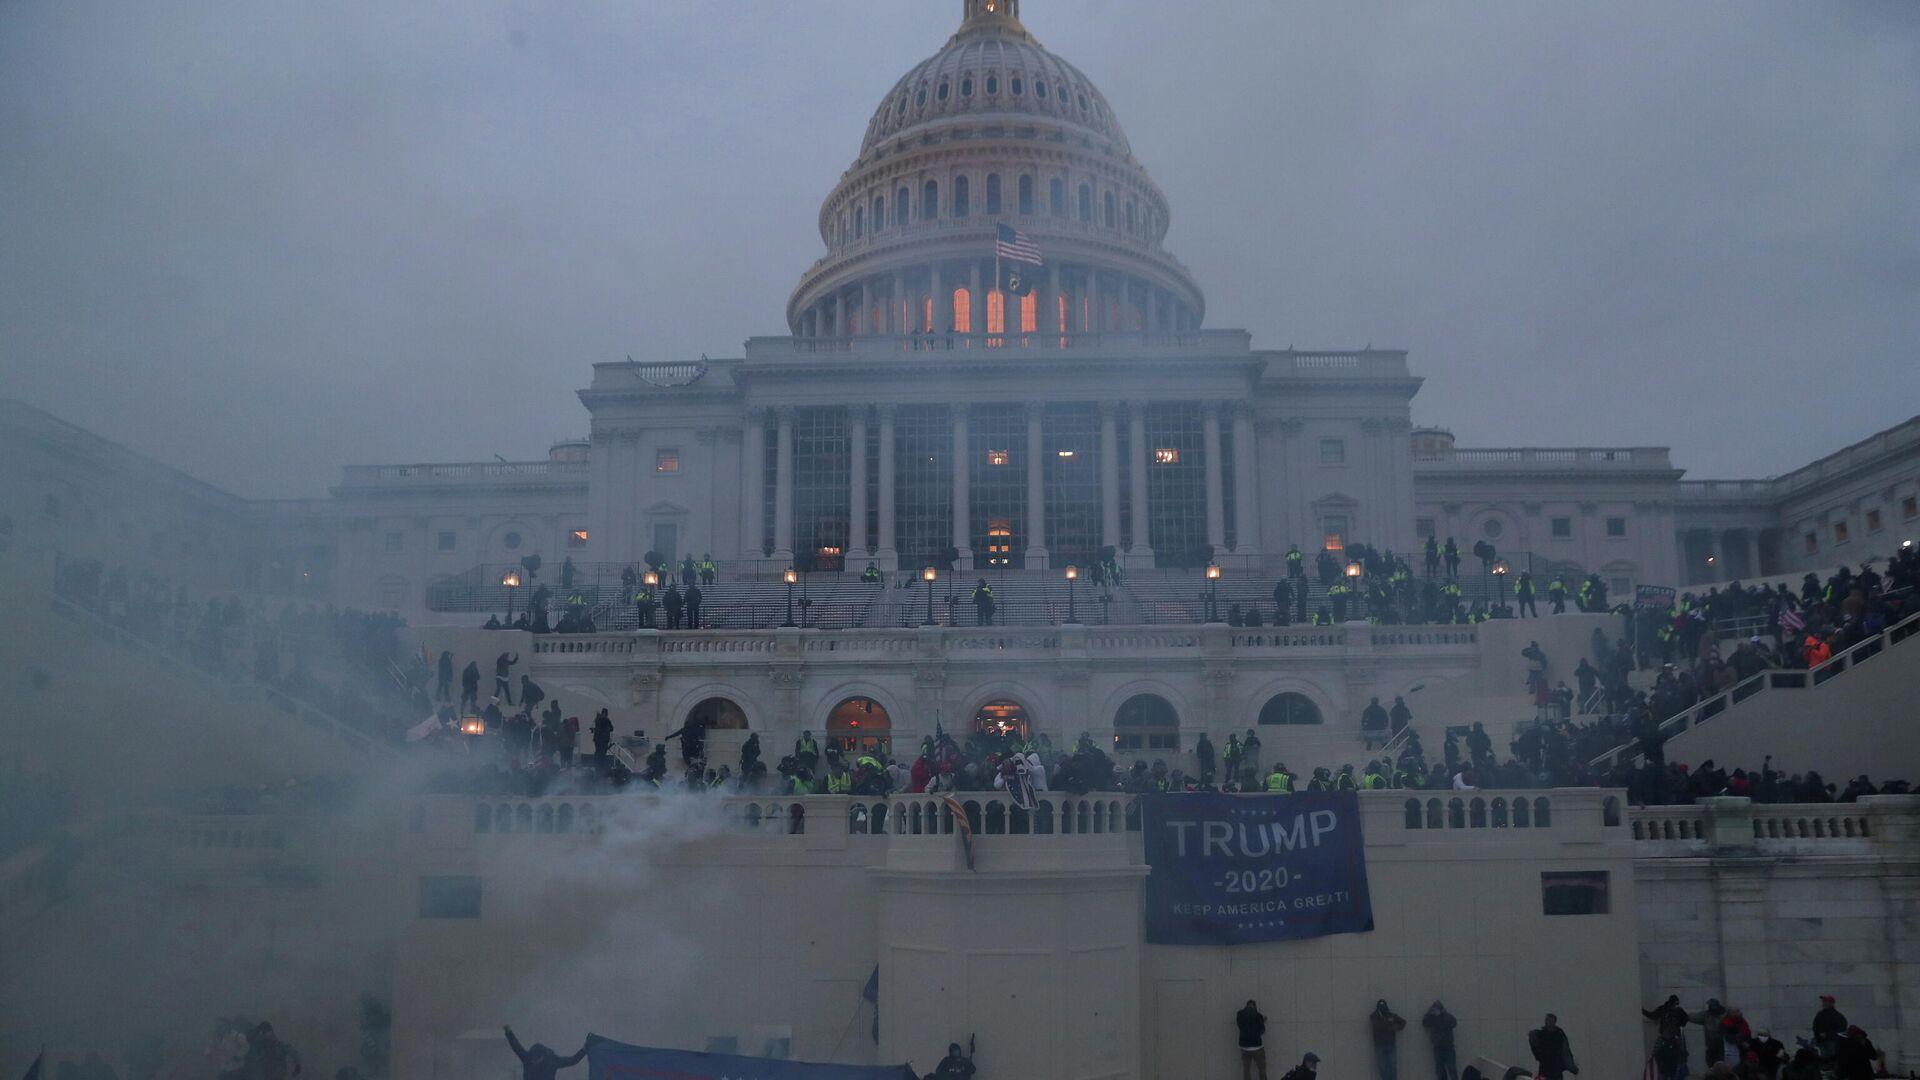 Участники акции сторонников действующего президента США Дональда Трампа у здания конгресса в Вашингтоне - РИА Новости, 1920, 07.01.2021